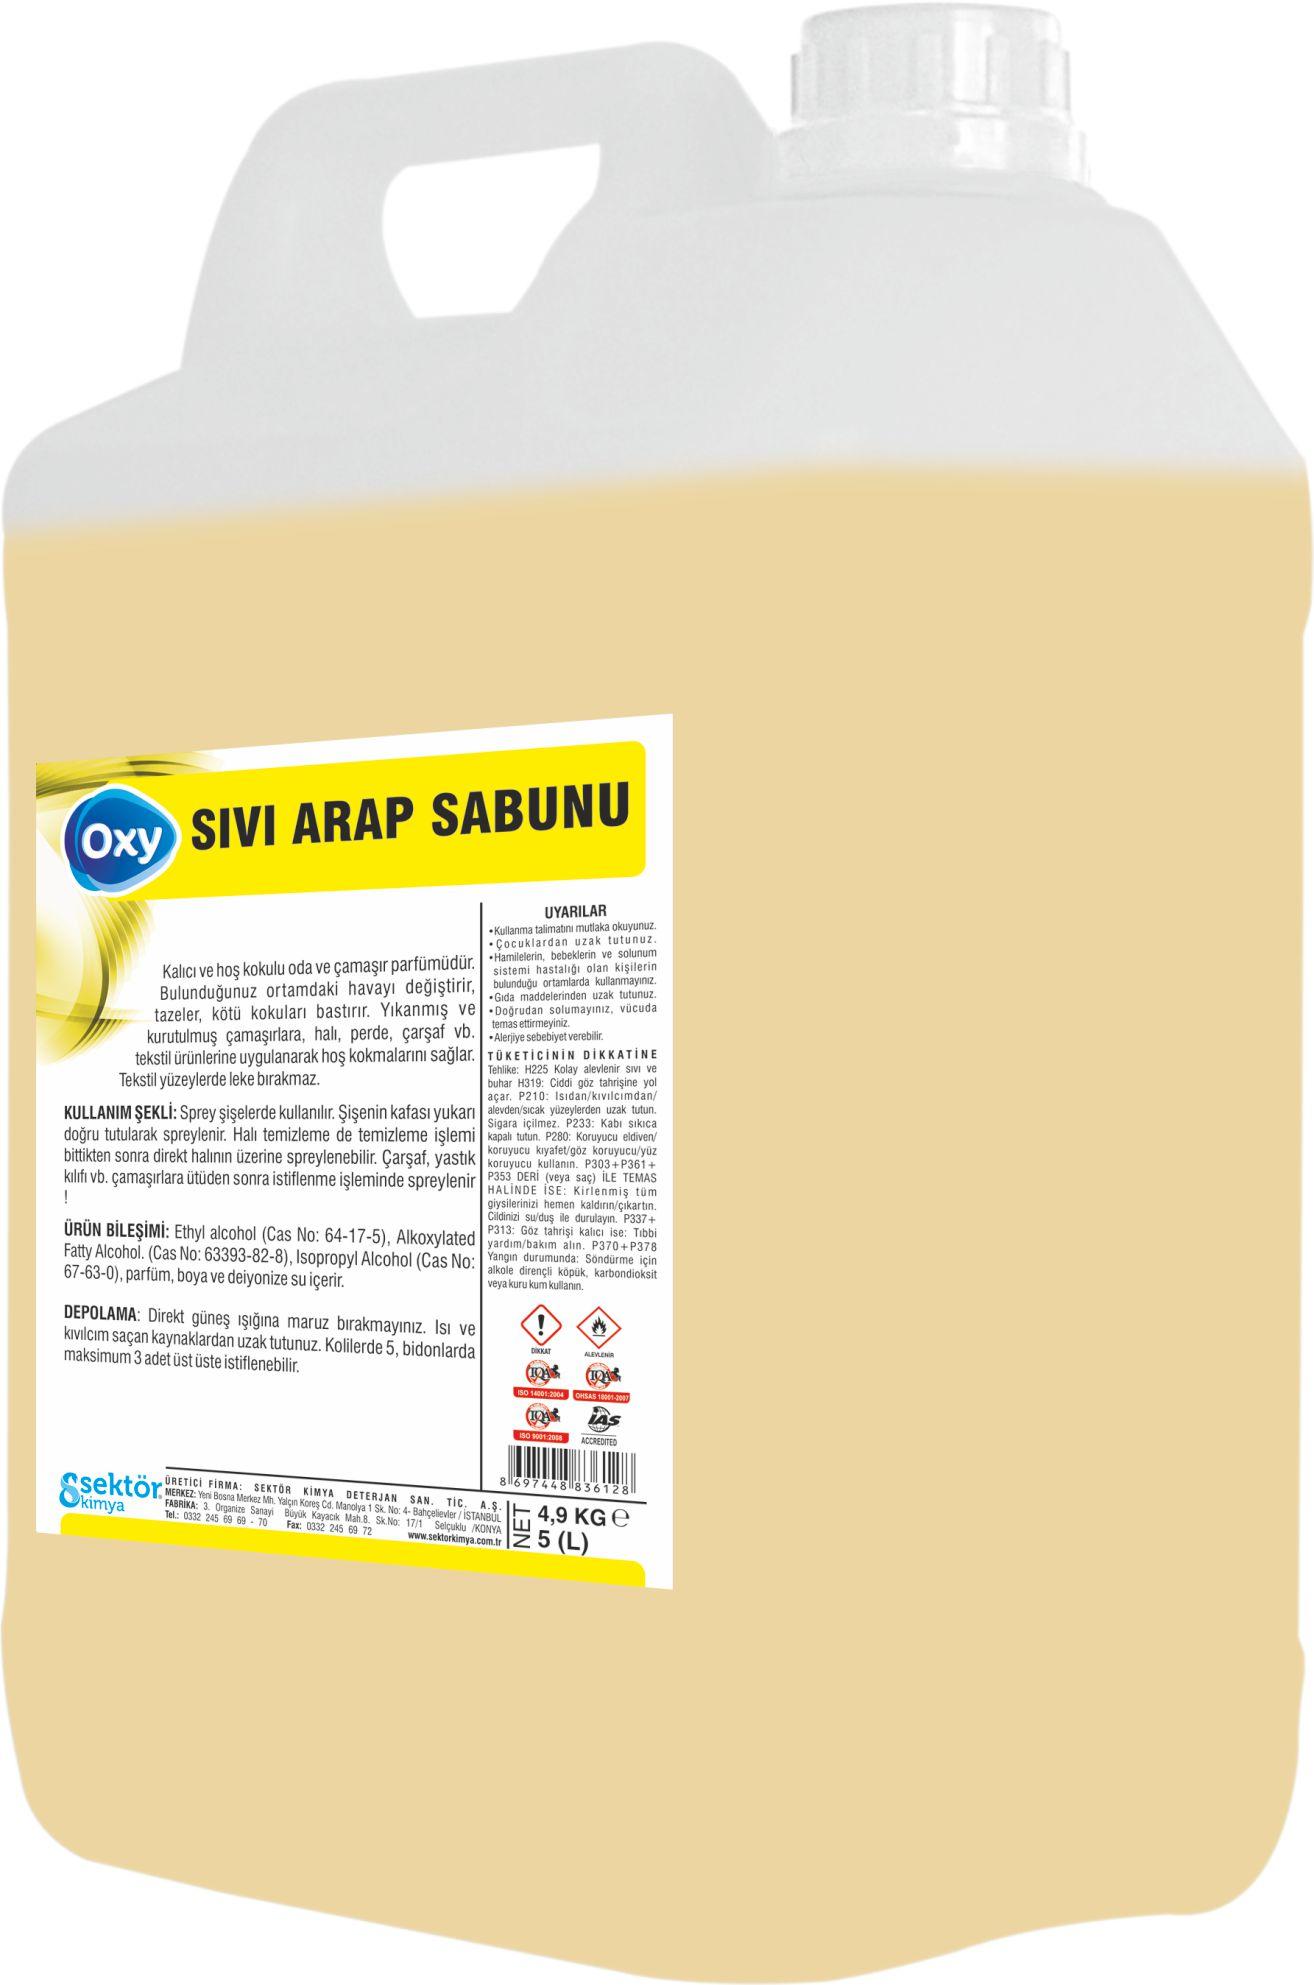 Oxy Sıvı Arap Sabunu 30 K.g